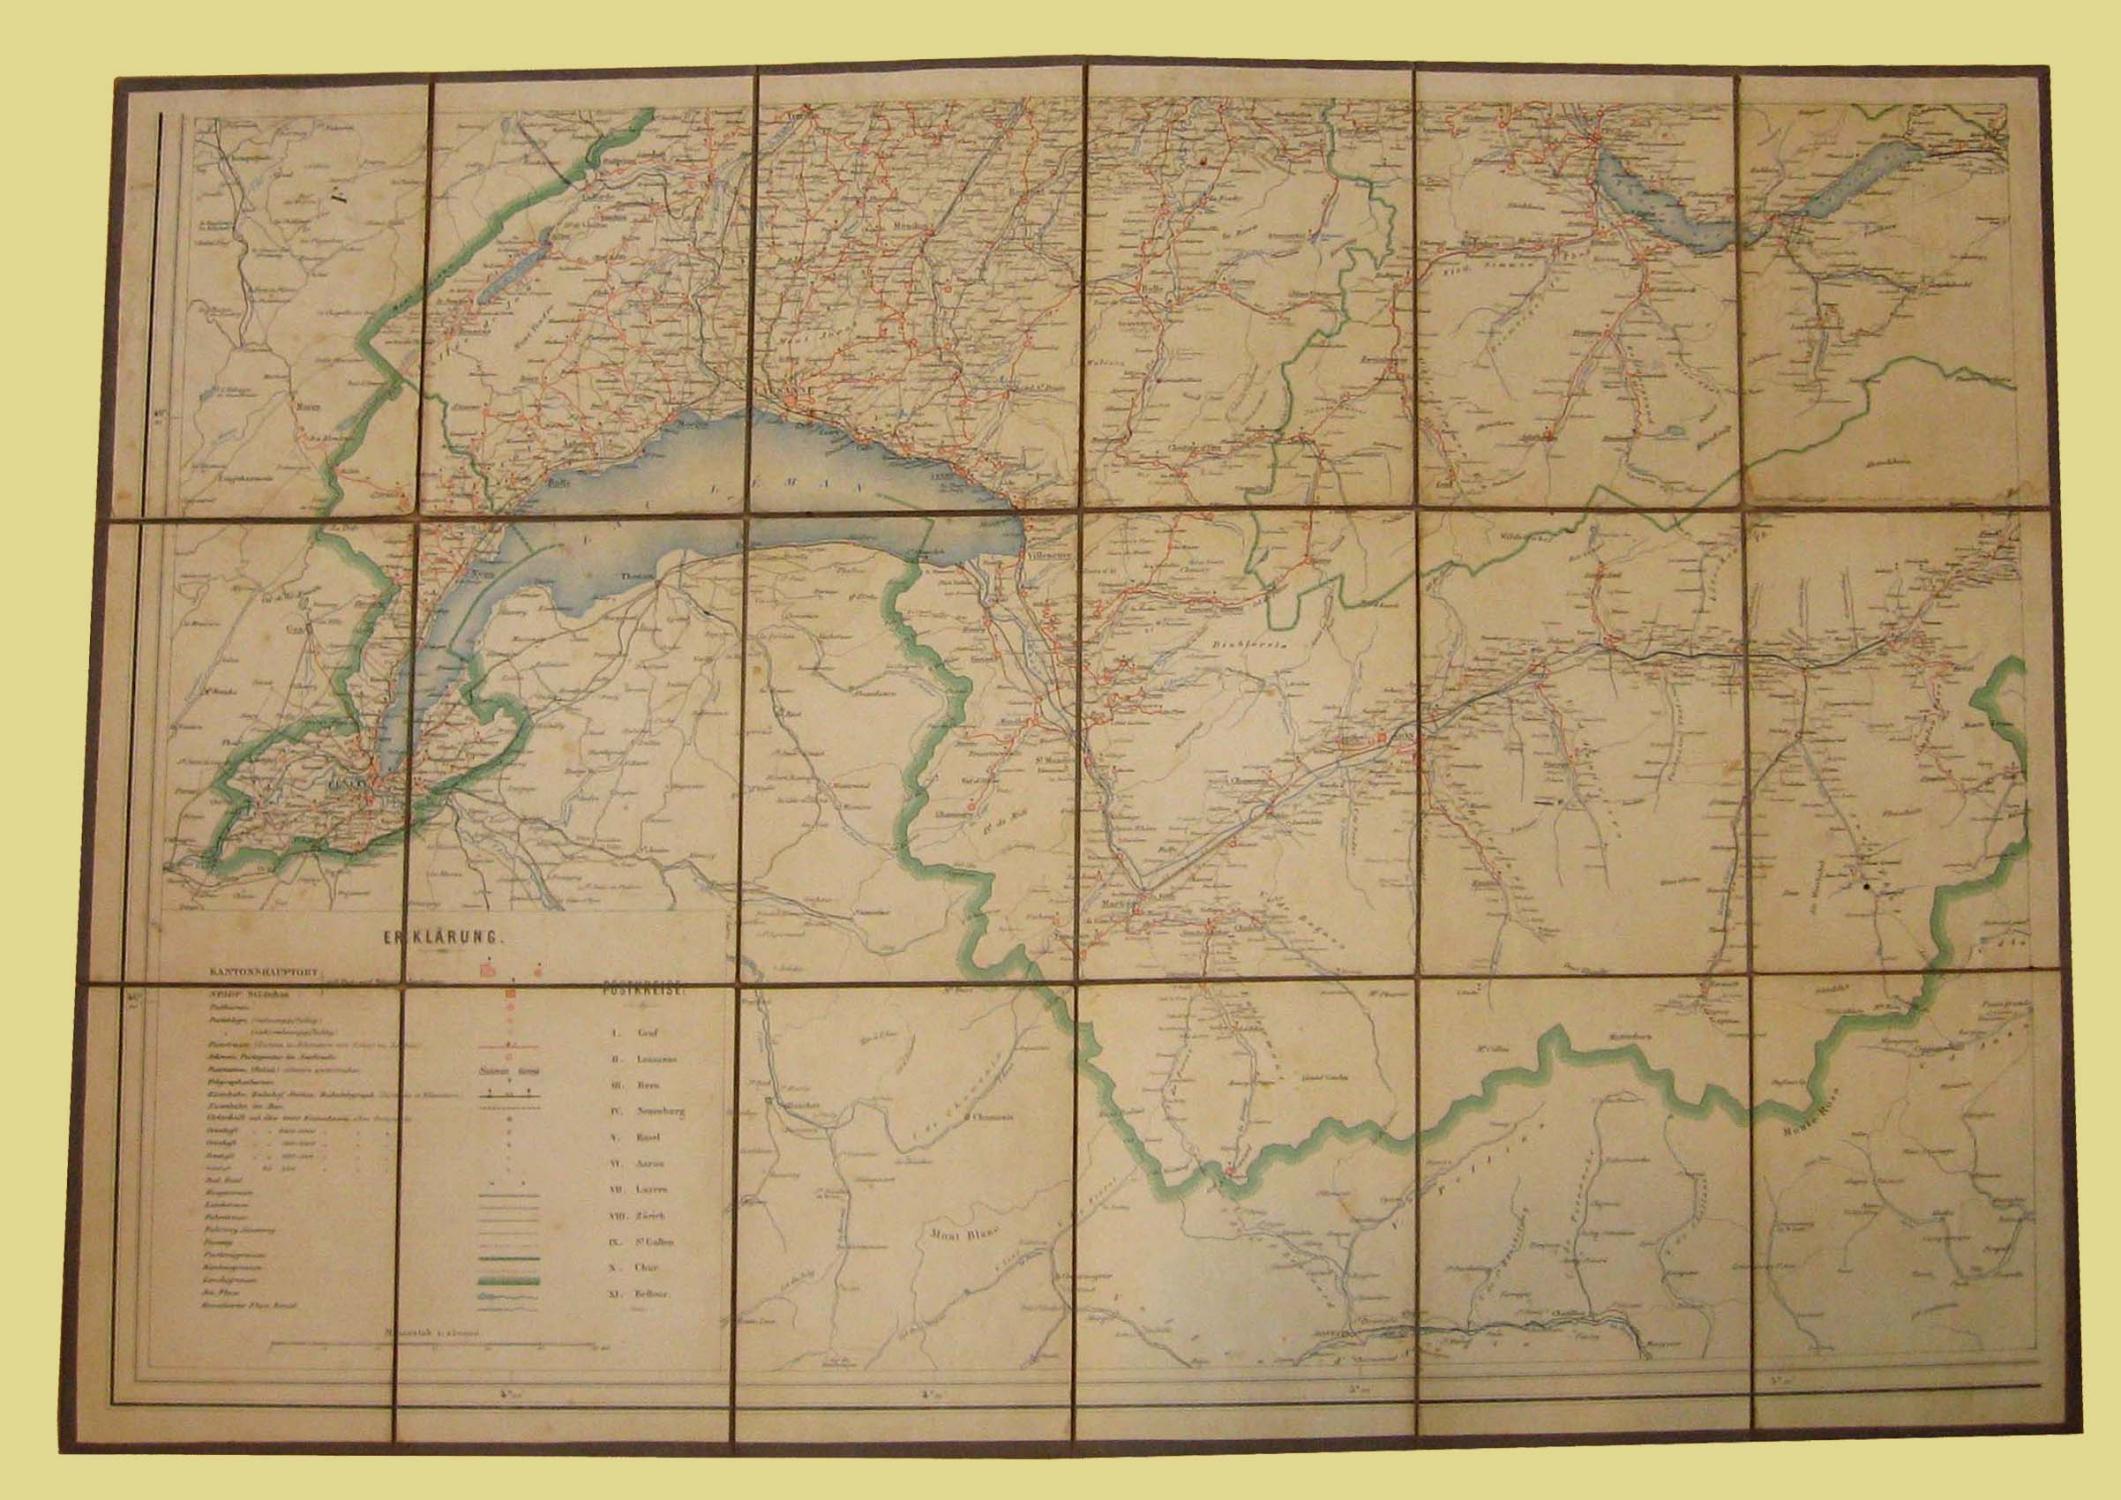 La Cartina Geografica Della Svizzera.Carta Geografica Della Svizzera Edizione Tedesca Da N D 1900 Mappa Studio Bibliografico Imprimatur